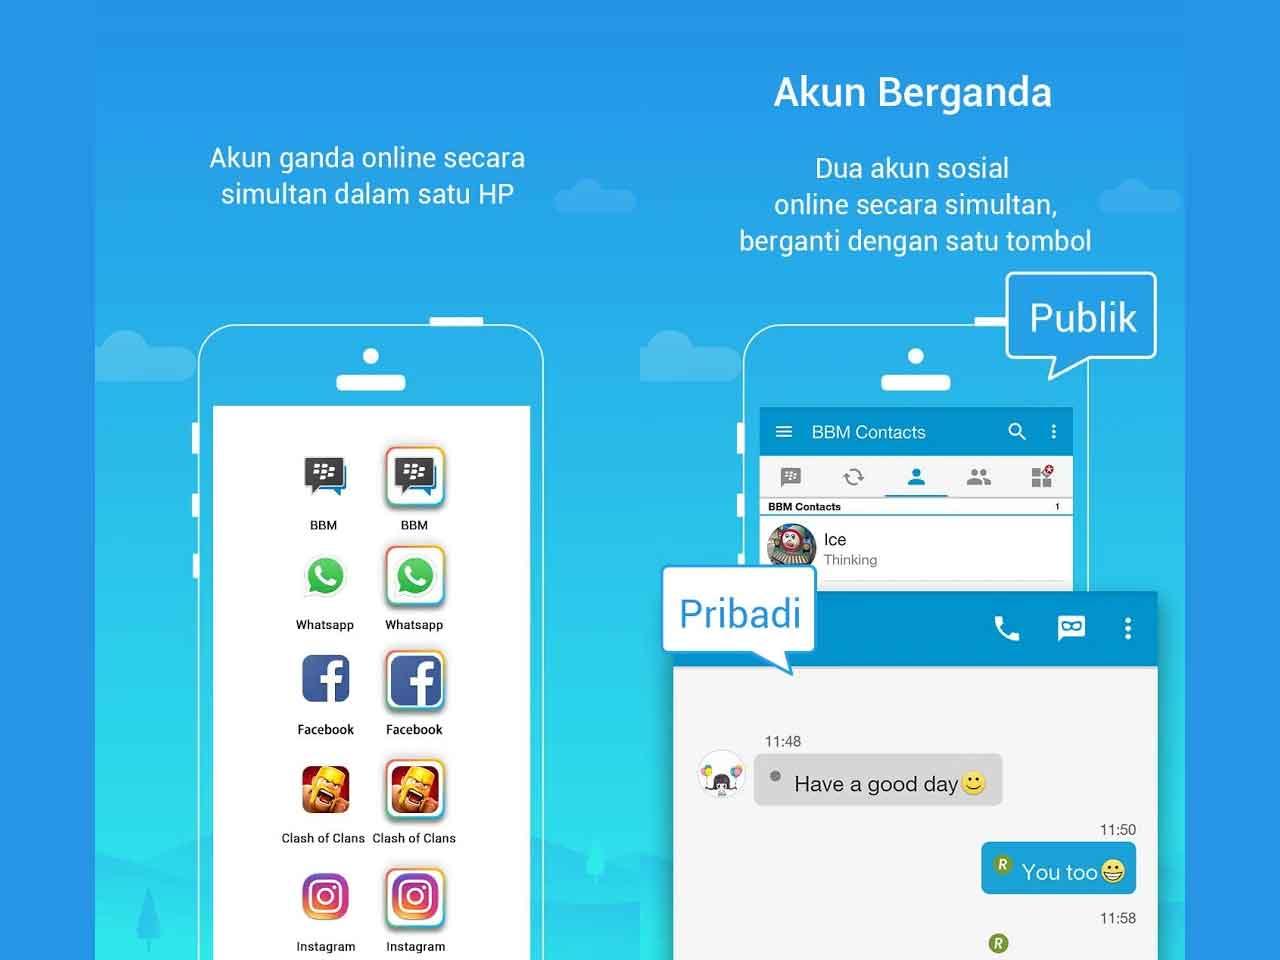 10 Aplikasi Ganda Akun Dan Game Terbaik Untuk Smartphone Android